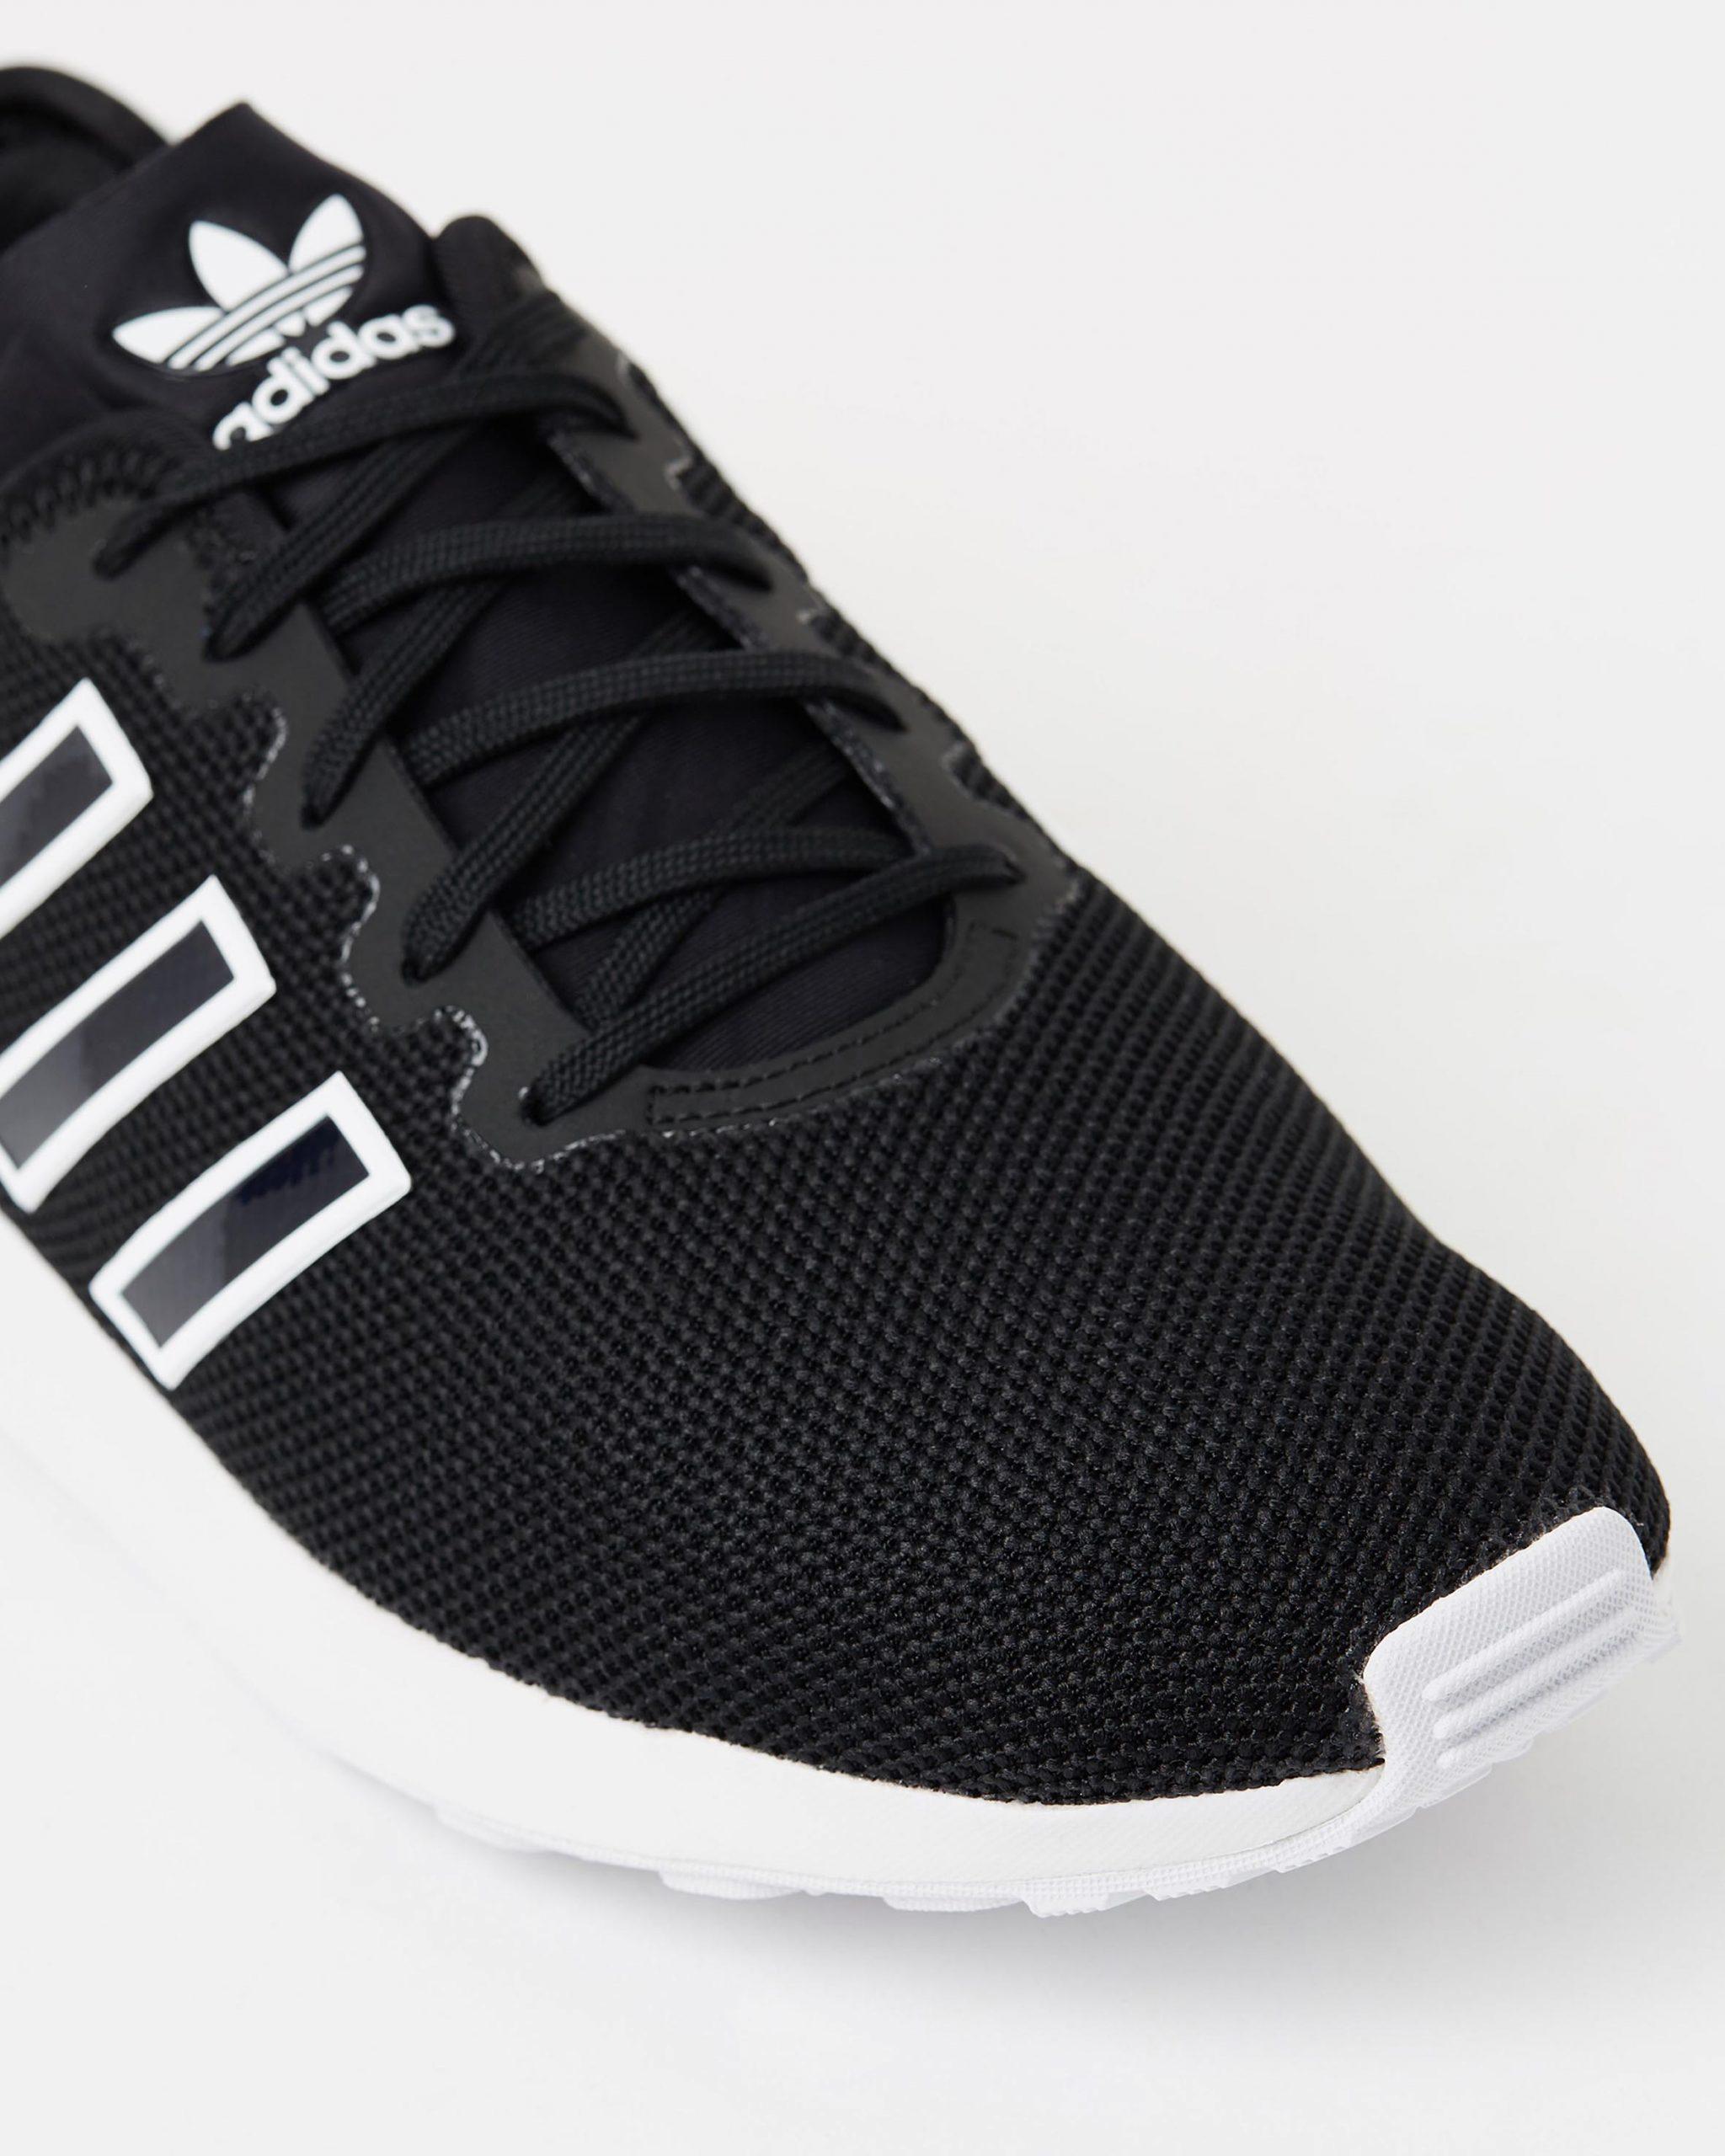 Adidas Women's ZX Flux ADV Virtue W